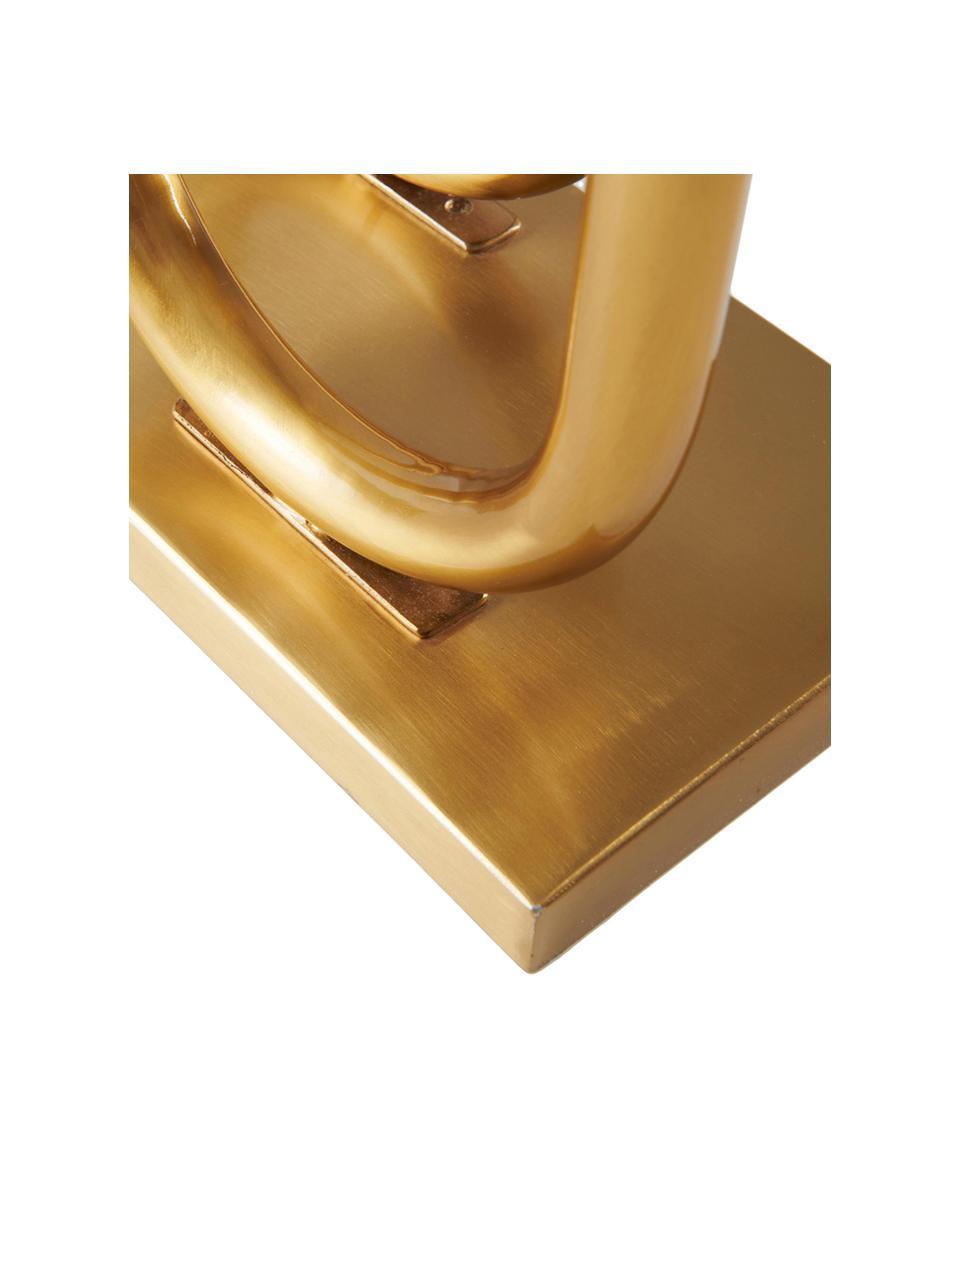 Kerzenhalter Bowie, Metall, beschichtet, Goldfarben, 31 x 43 cm